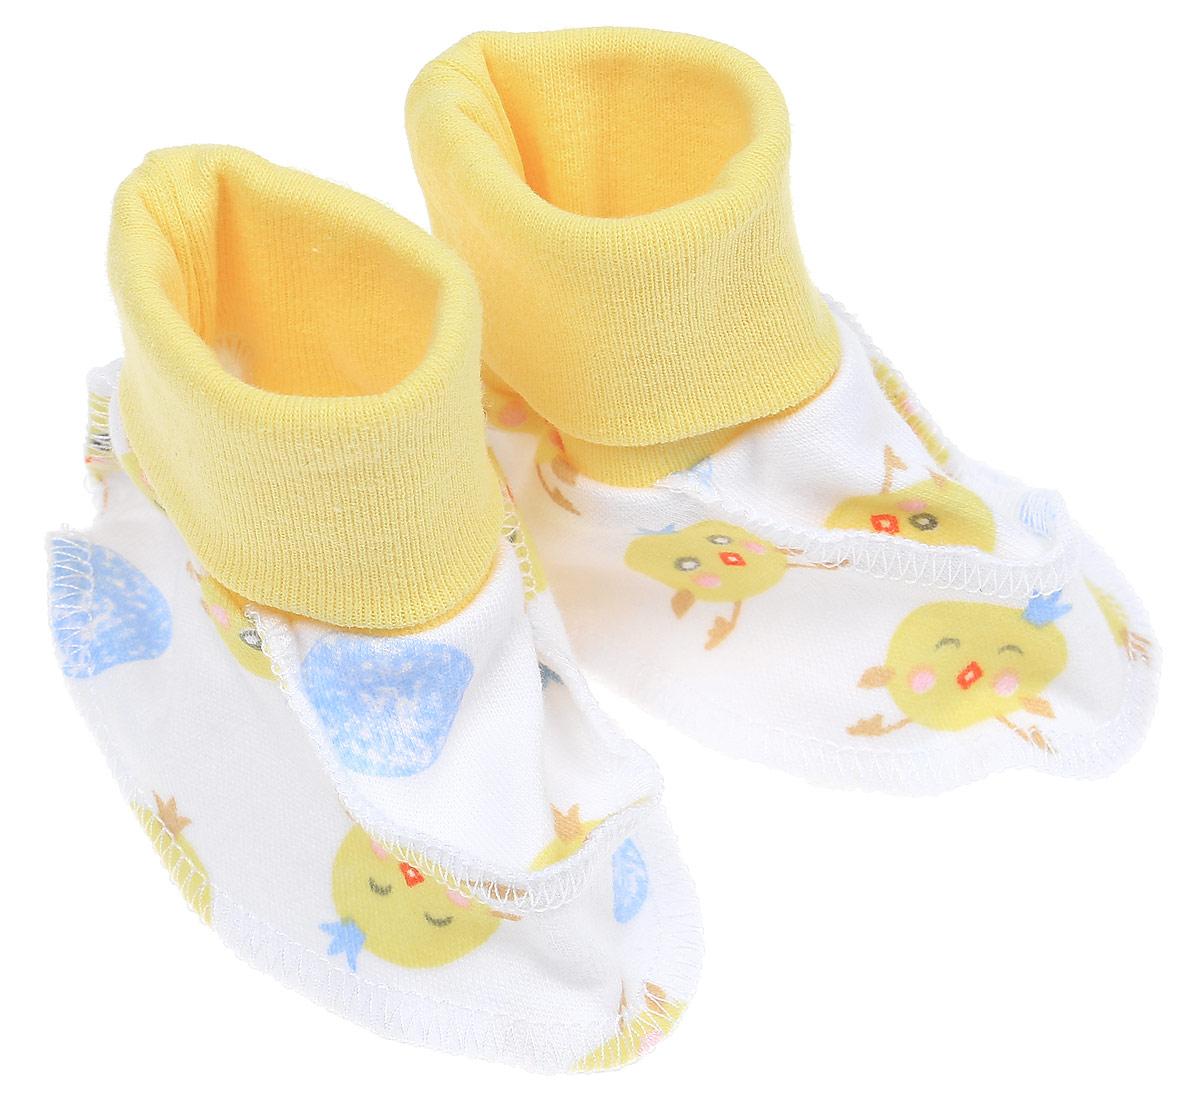 Пинетки для мальчика Чудесные одежки, цвет: белый, желтый, голубой. 5914 20. Размер 625914 20_желтая манжетаМягкие и легкие пинетки Чудесные одежки идеально подойдут для маленьких ножек вашего крохи. Изделие изготовлено из натурального хлопка, отлично пропускает воздух, обеспечивая комфорт. Швы выполнены наружу, что будет для малыша особенно удобным. Пинетки дополнены широкой эластичной резинкой, которая не сдавливает ножку младенца. Такие пинетки - отличное решение для малышей и их родителей!